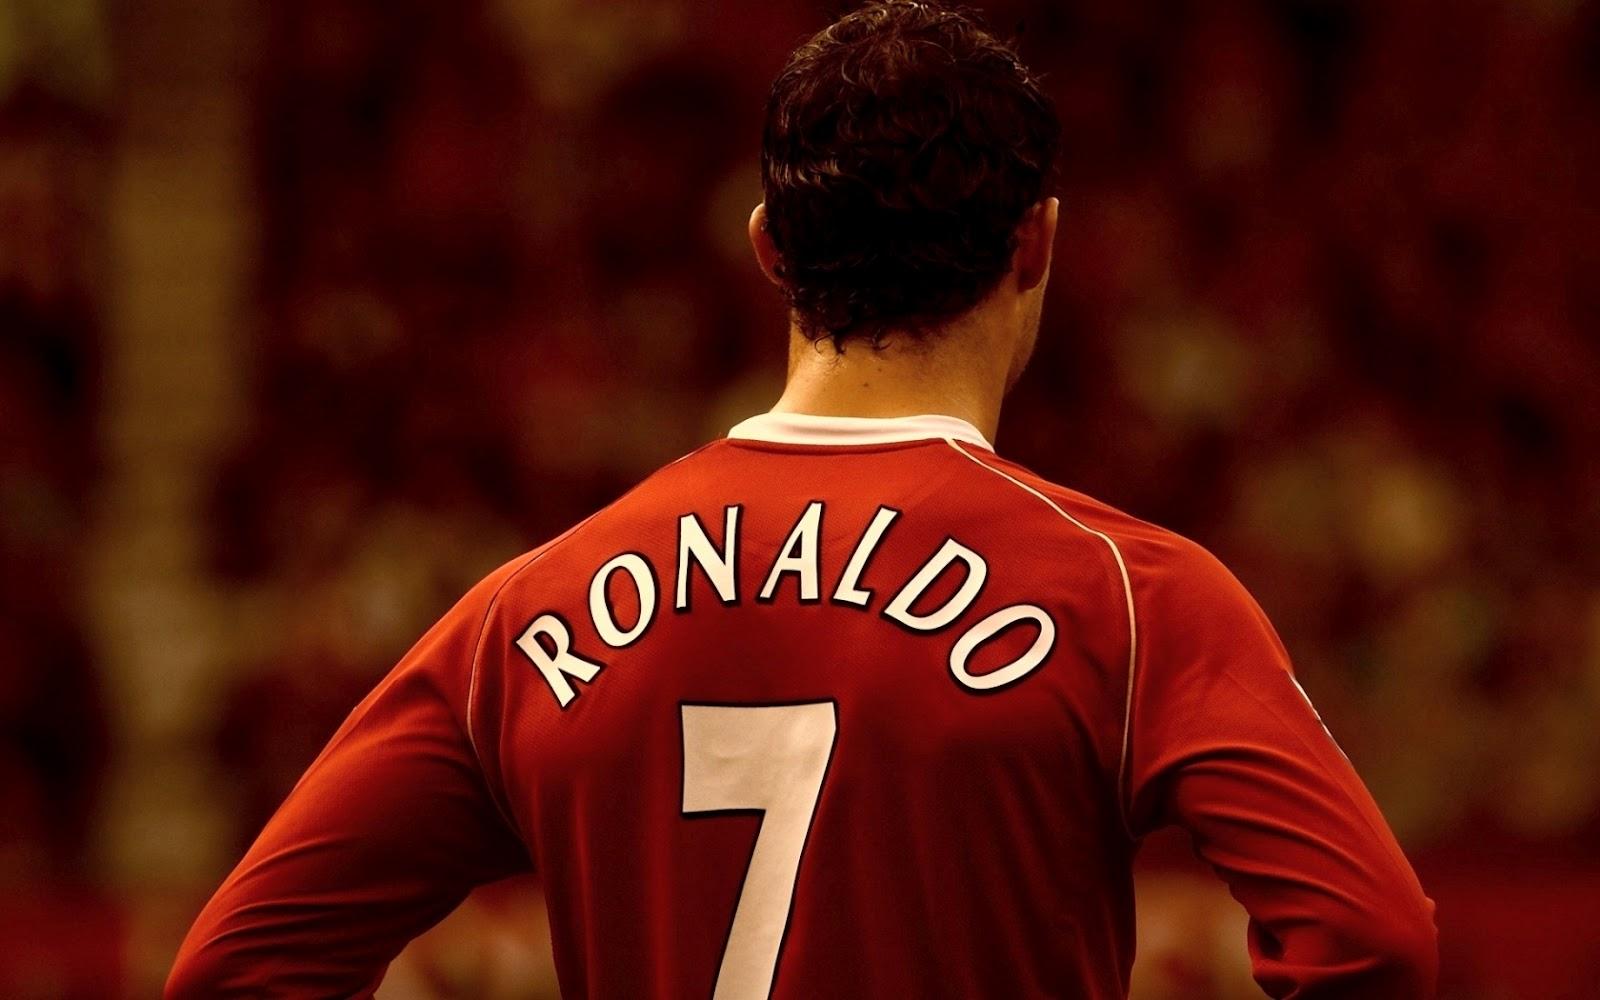 http://2.bp.blogspot.com/-aiv74CZ2Hsk/T-C0_nd3qhI/AAAAAAAACMc/tD_maYKM_uE/s1600/Ronaldo_Back_Number_7_HD_Desktop_Wallpaper-HidefWall.Blogspot.Com.Jpg